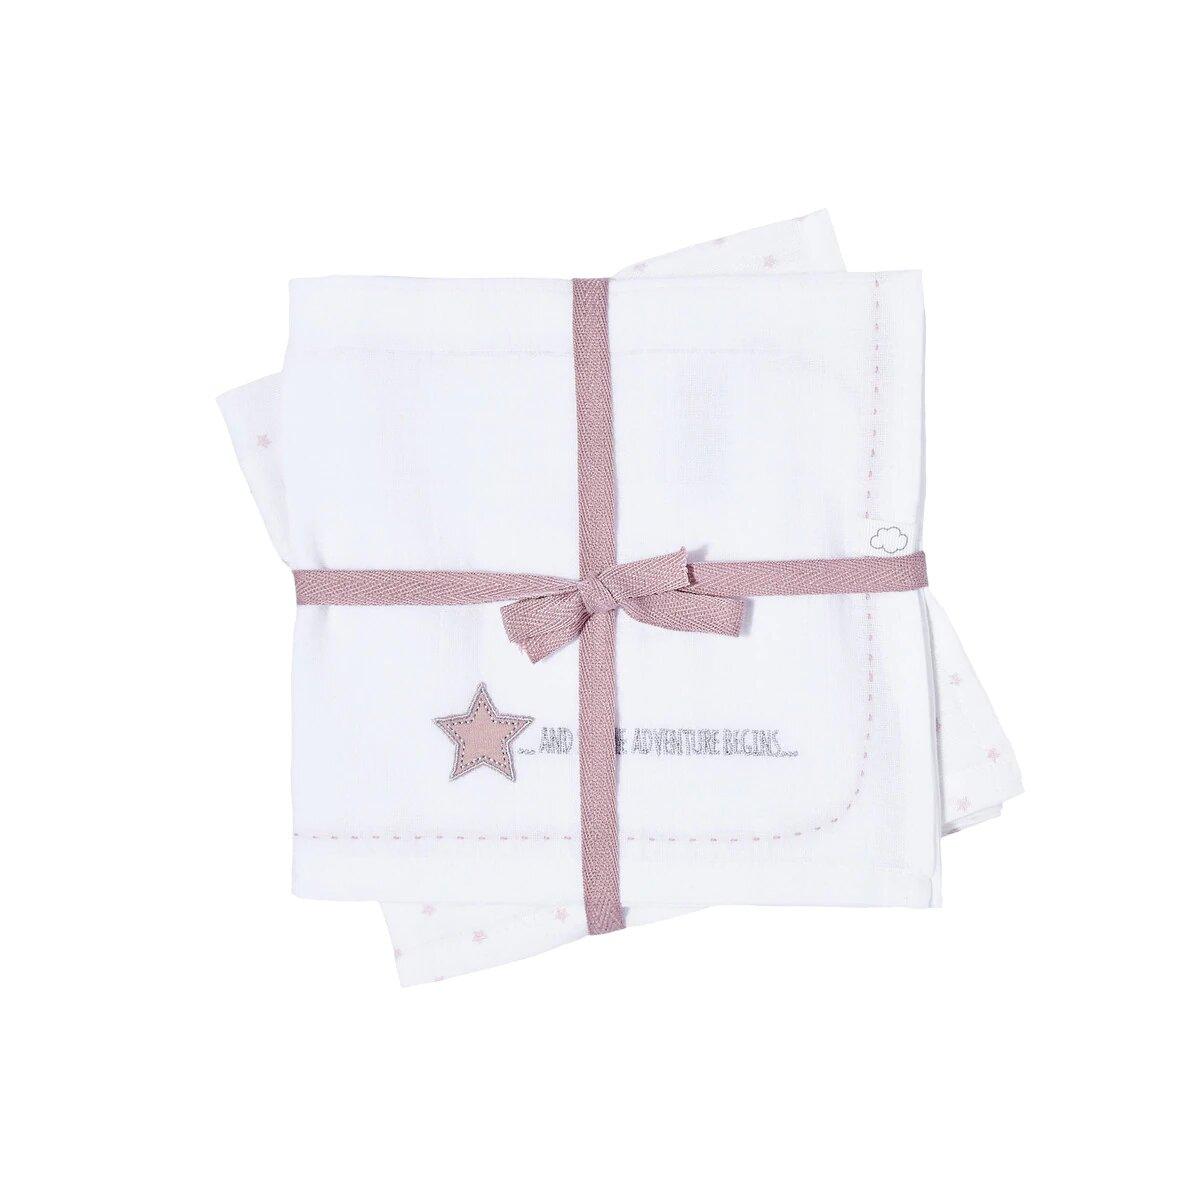 Pack de 2 Muselinas Cotton Juice Baby Home Estrellas bordadas